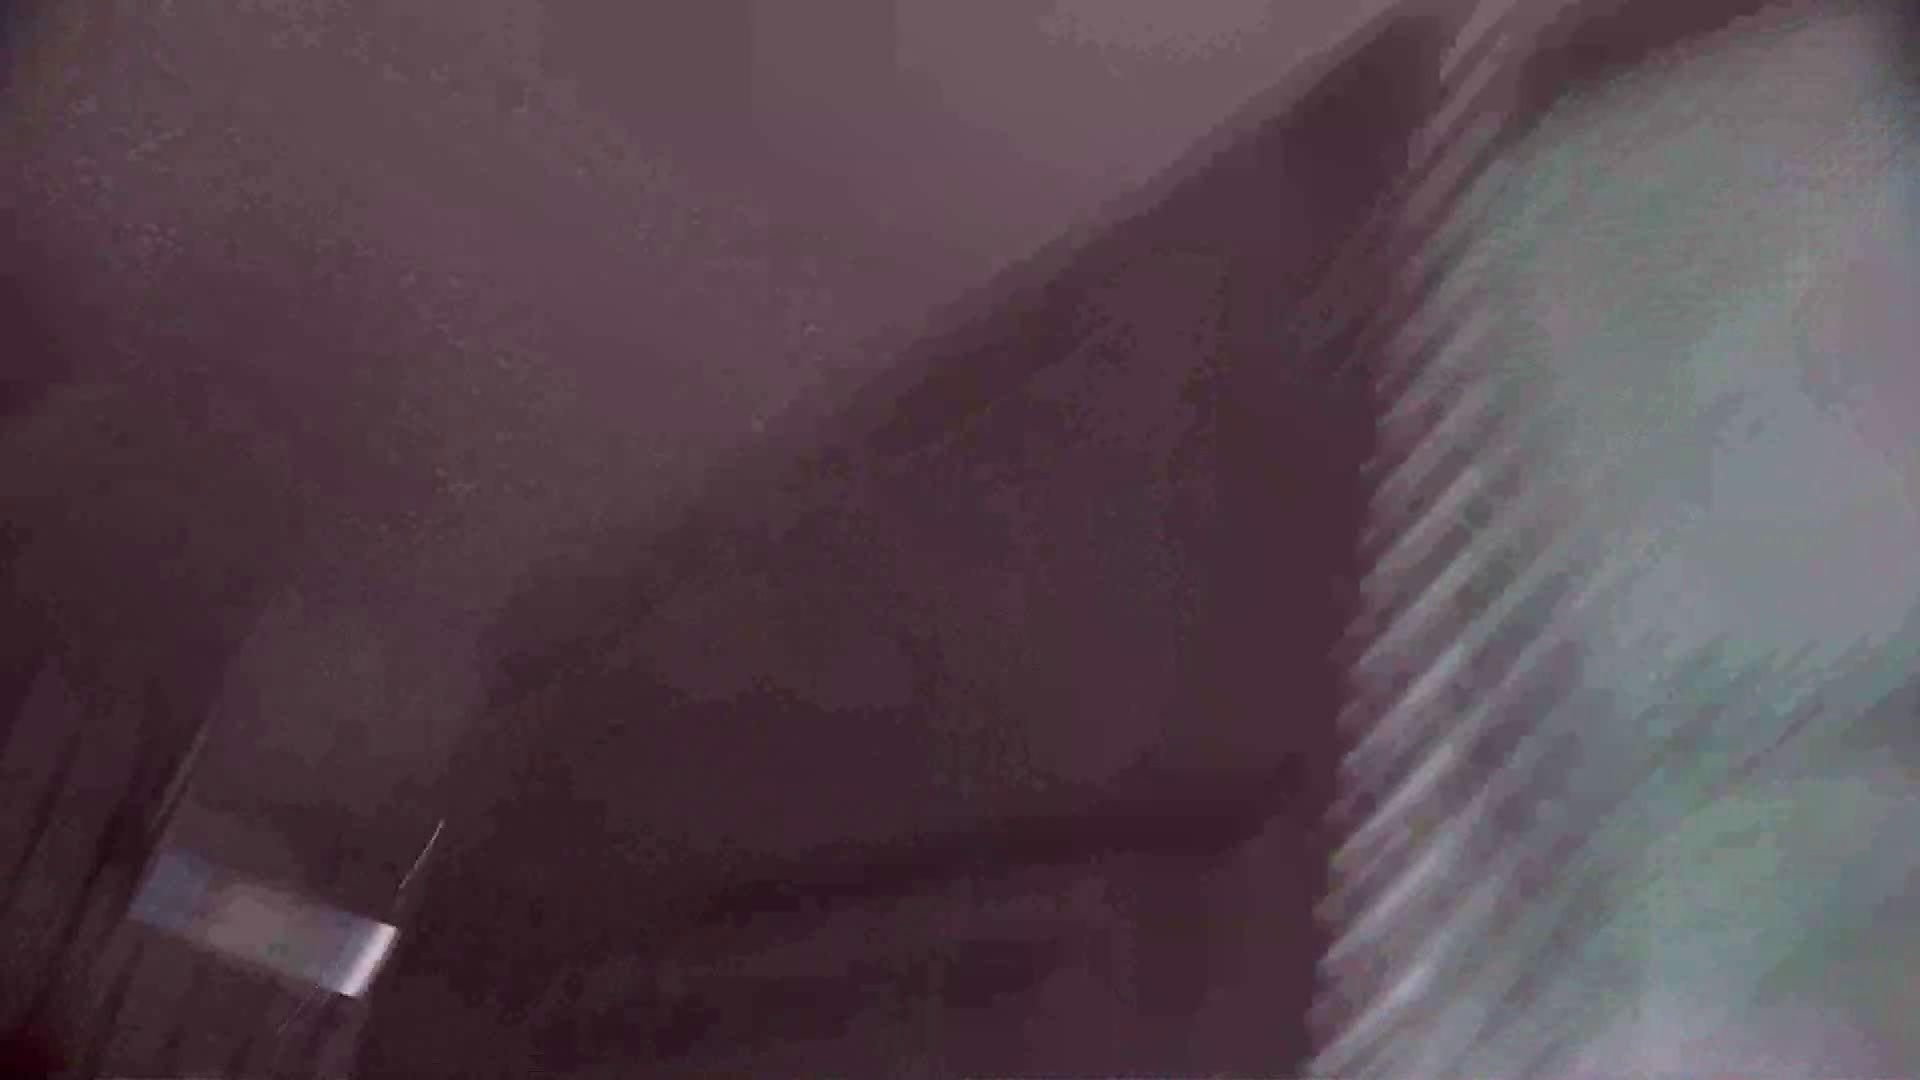 vol.17 命がけ潜伏洗面所! 張り裂けんばかりの大物 洗面所 盗撮戯れ無修正画像 108画像 34